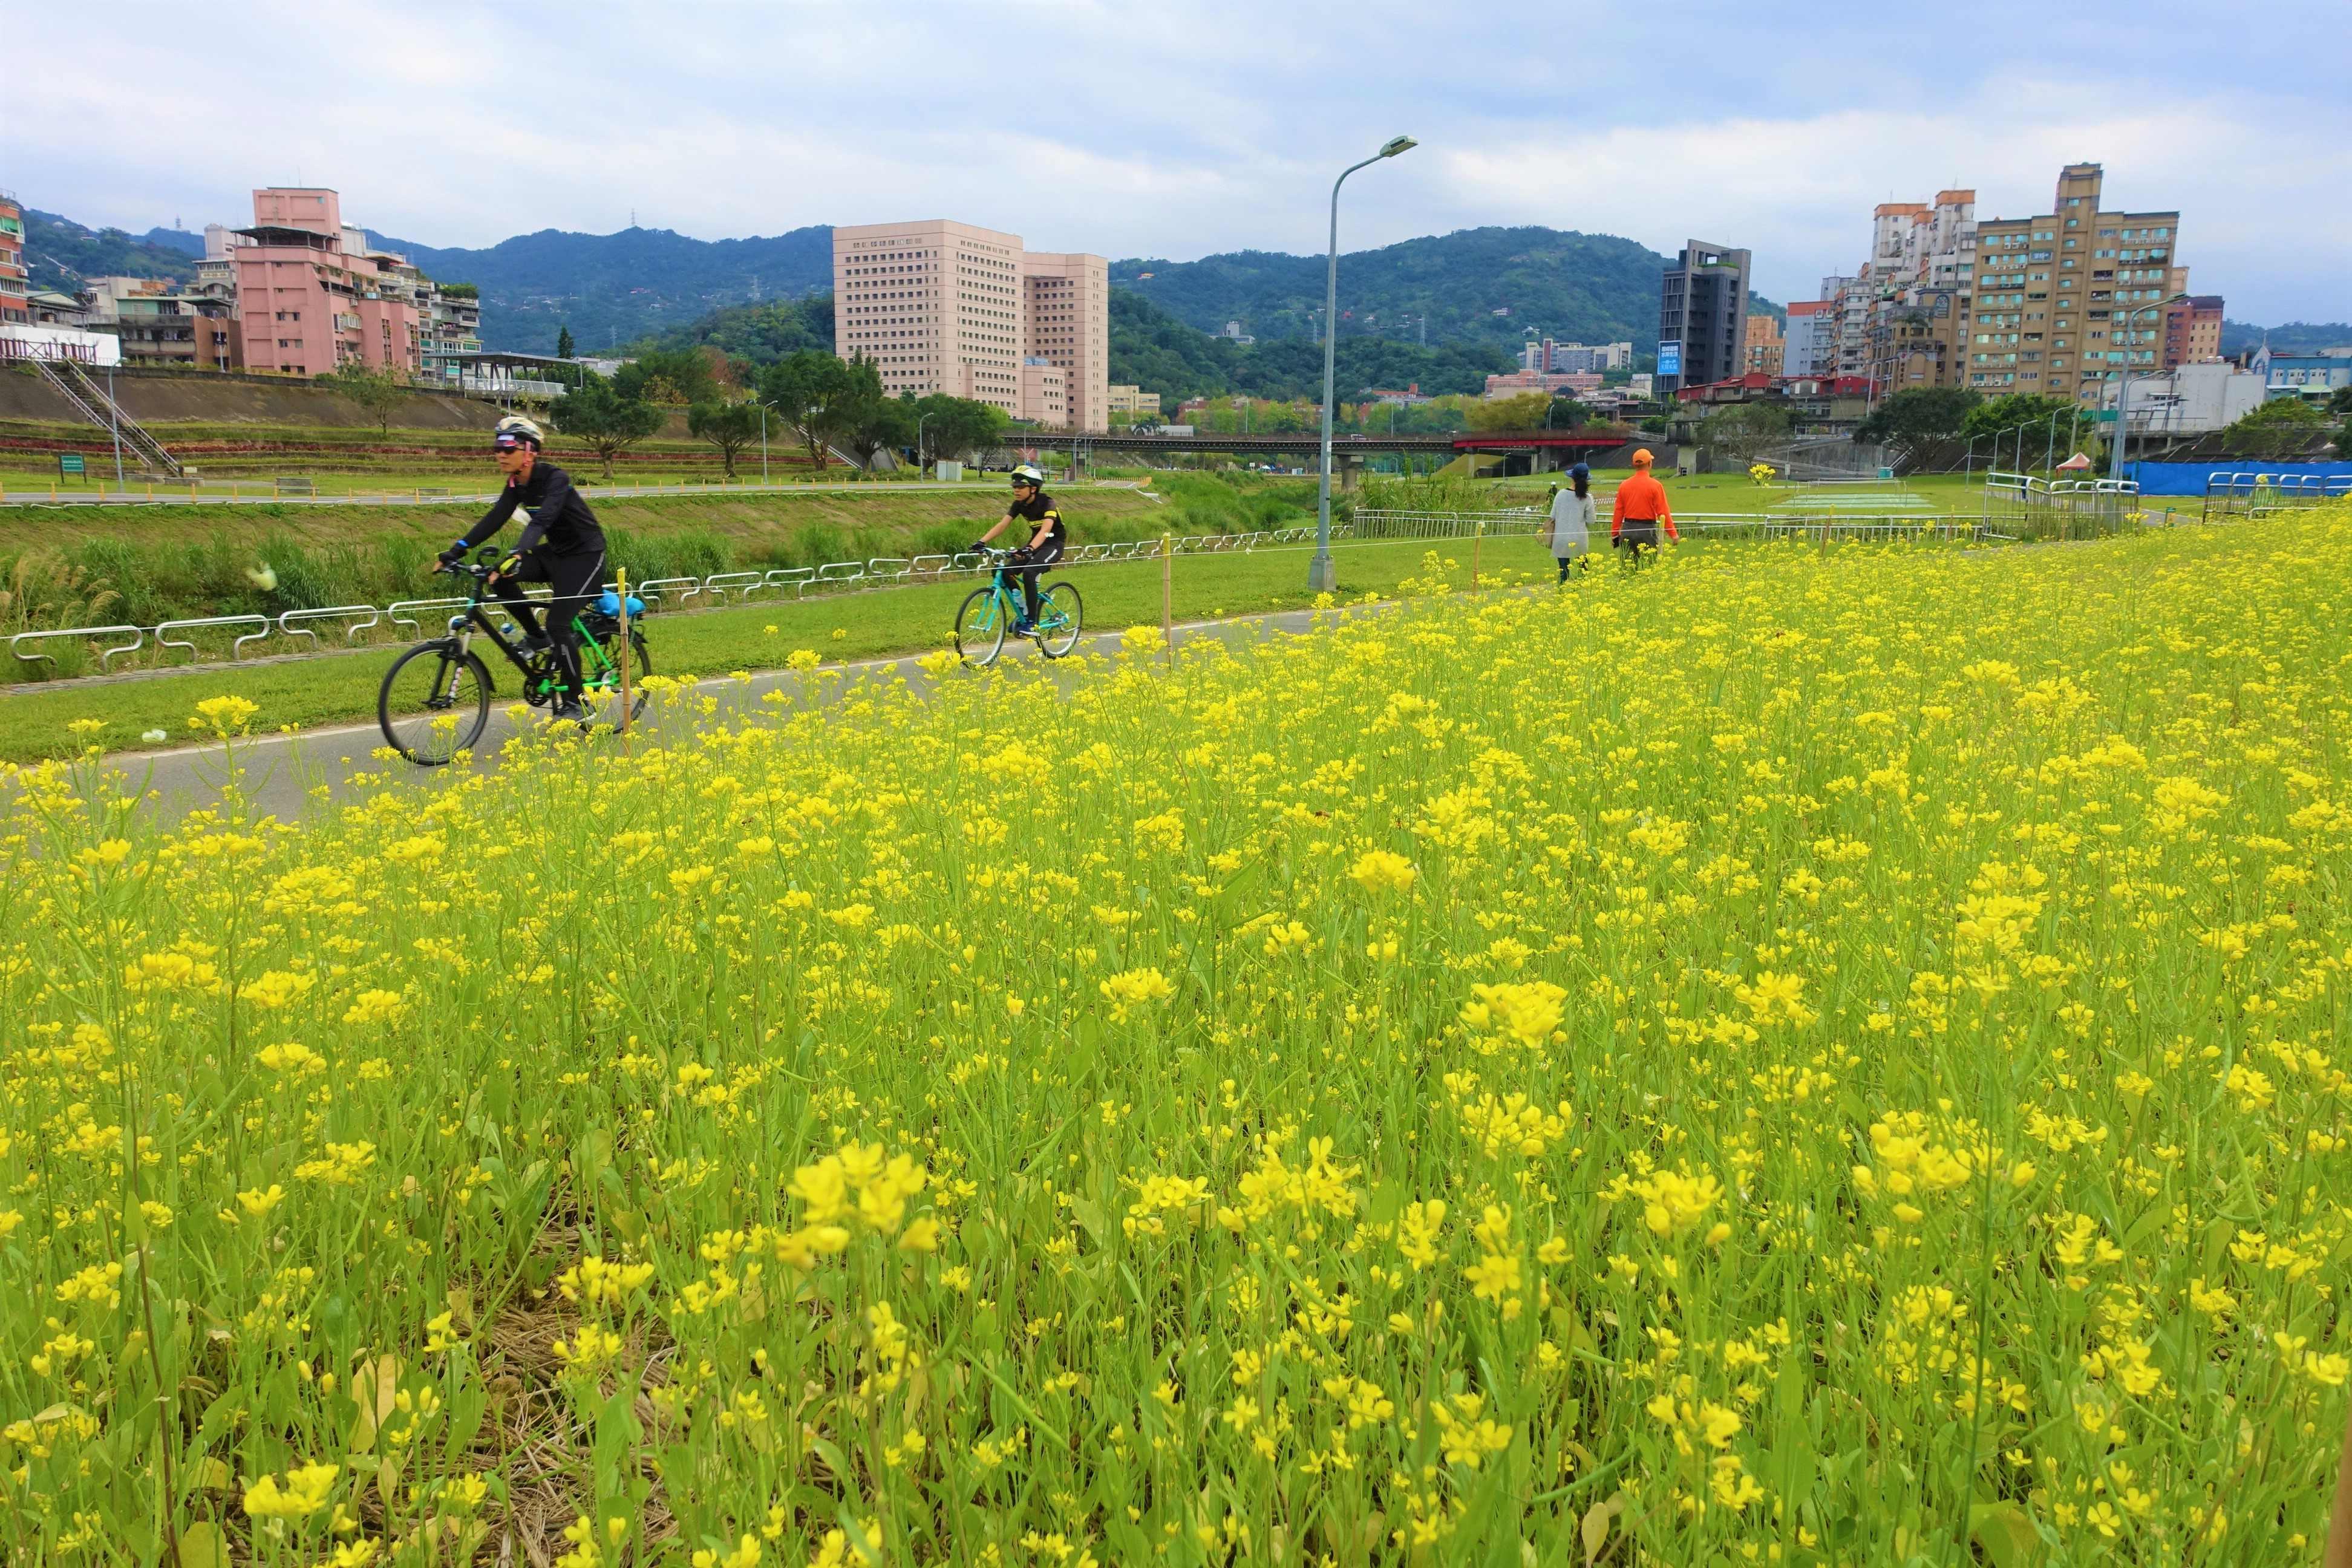 單車賞花行 道南河濱公園油菜花開